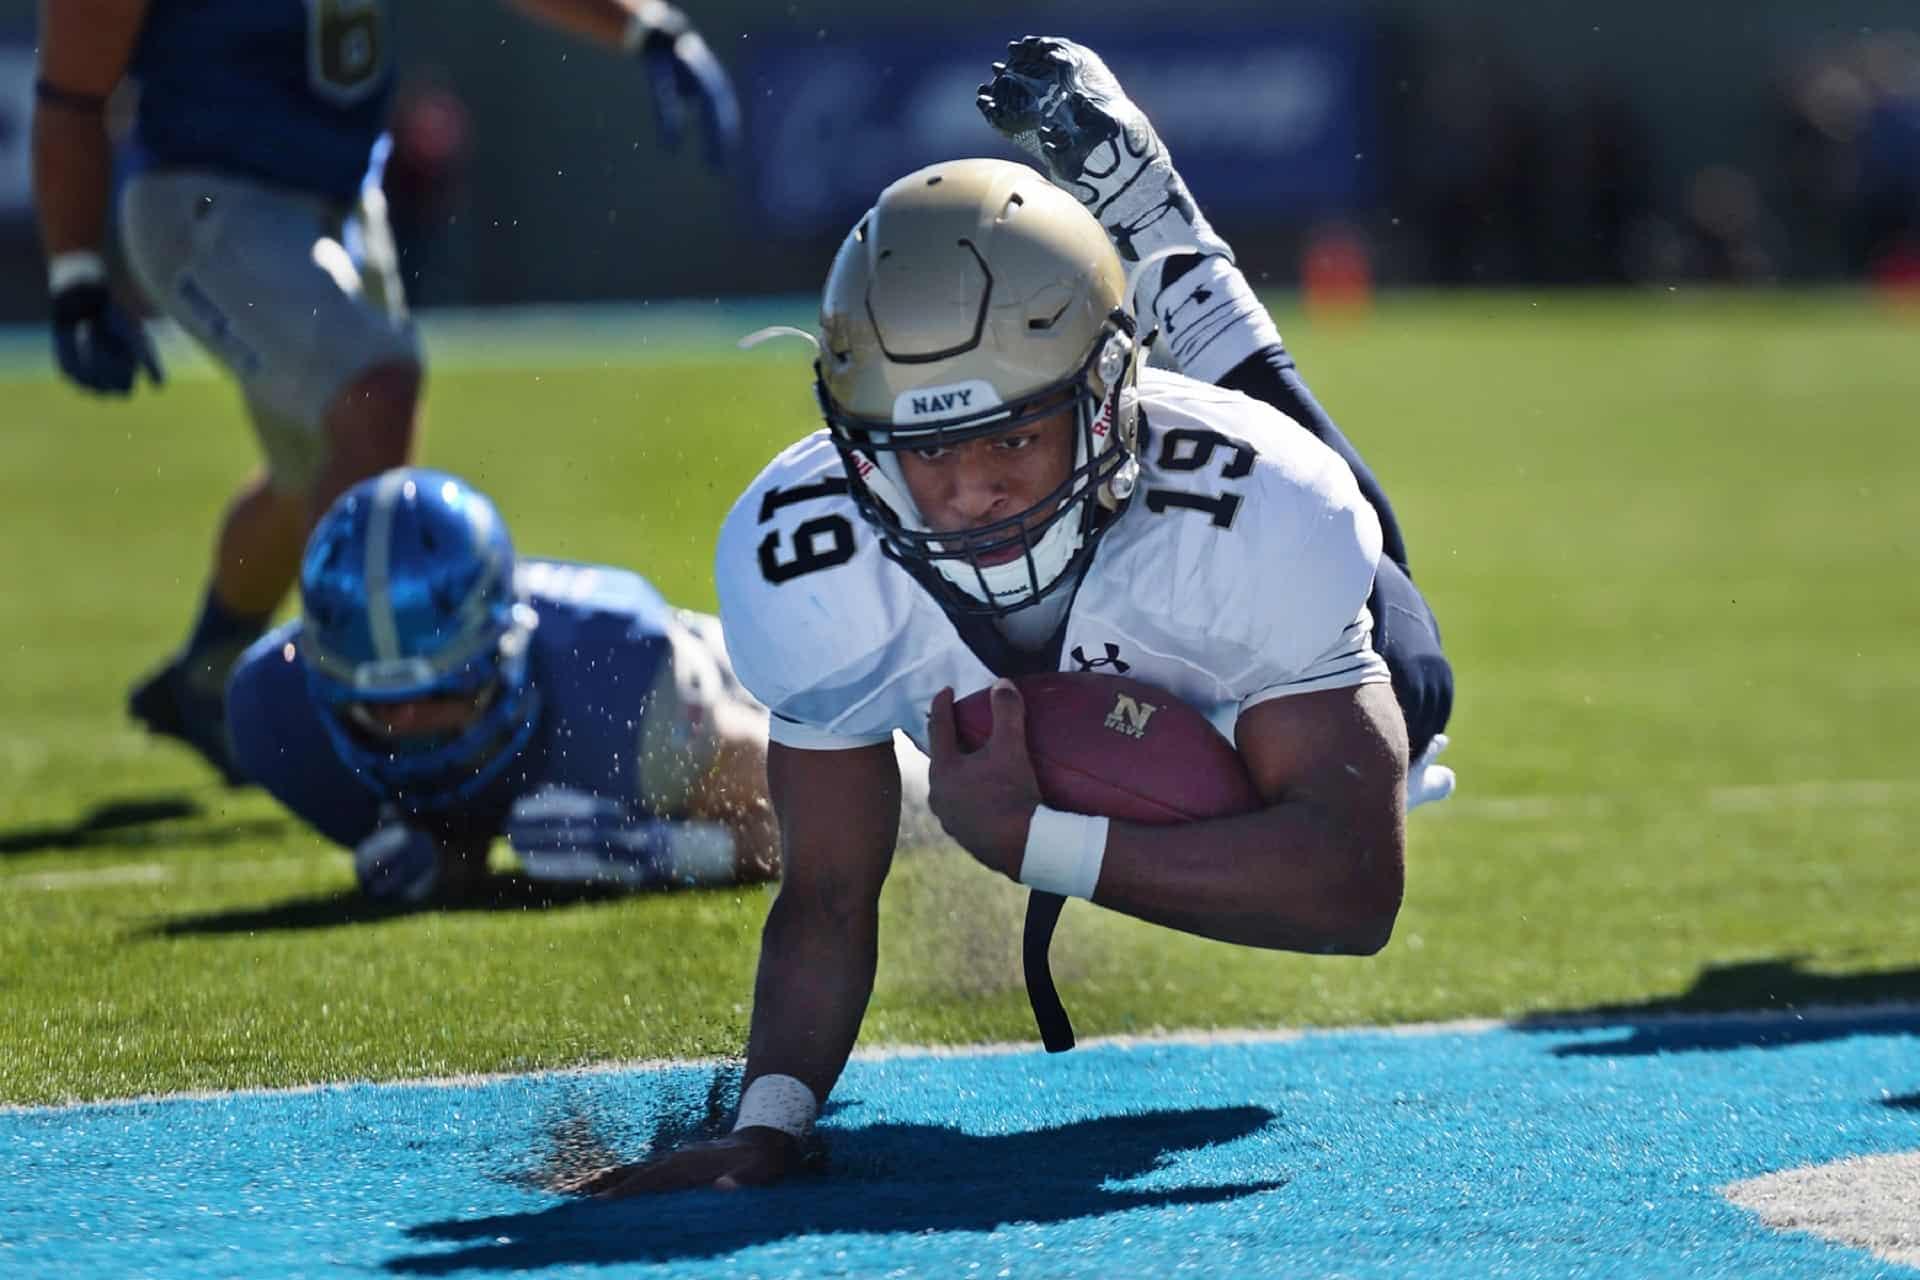 Jogador caindo com a bola de futebol americano